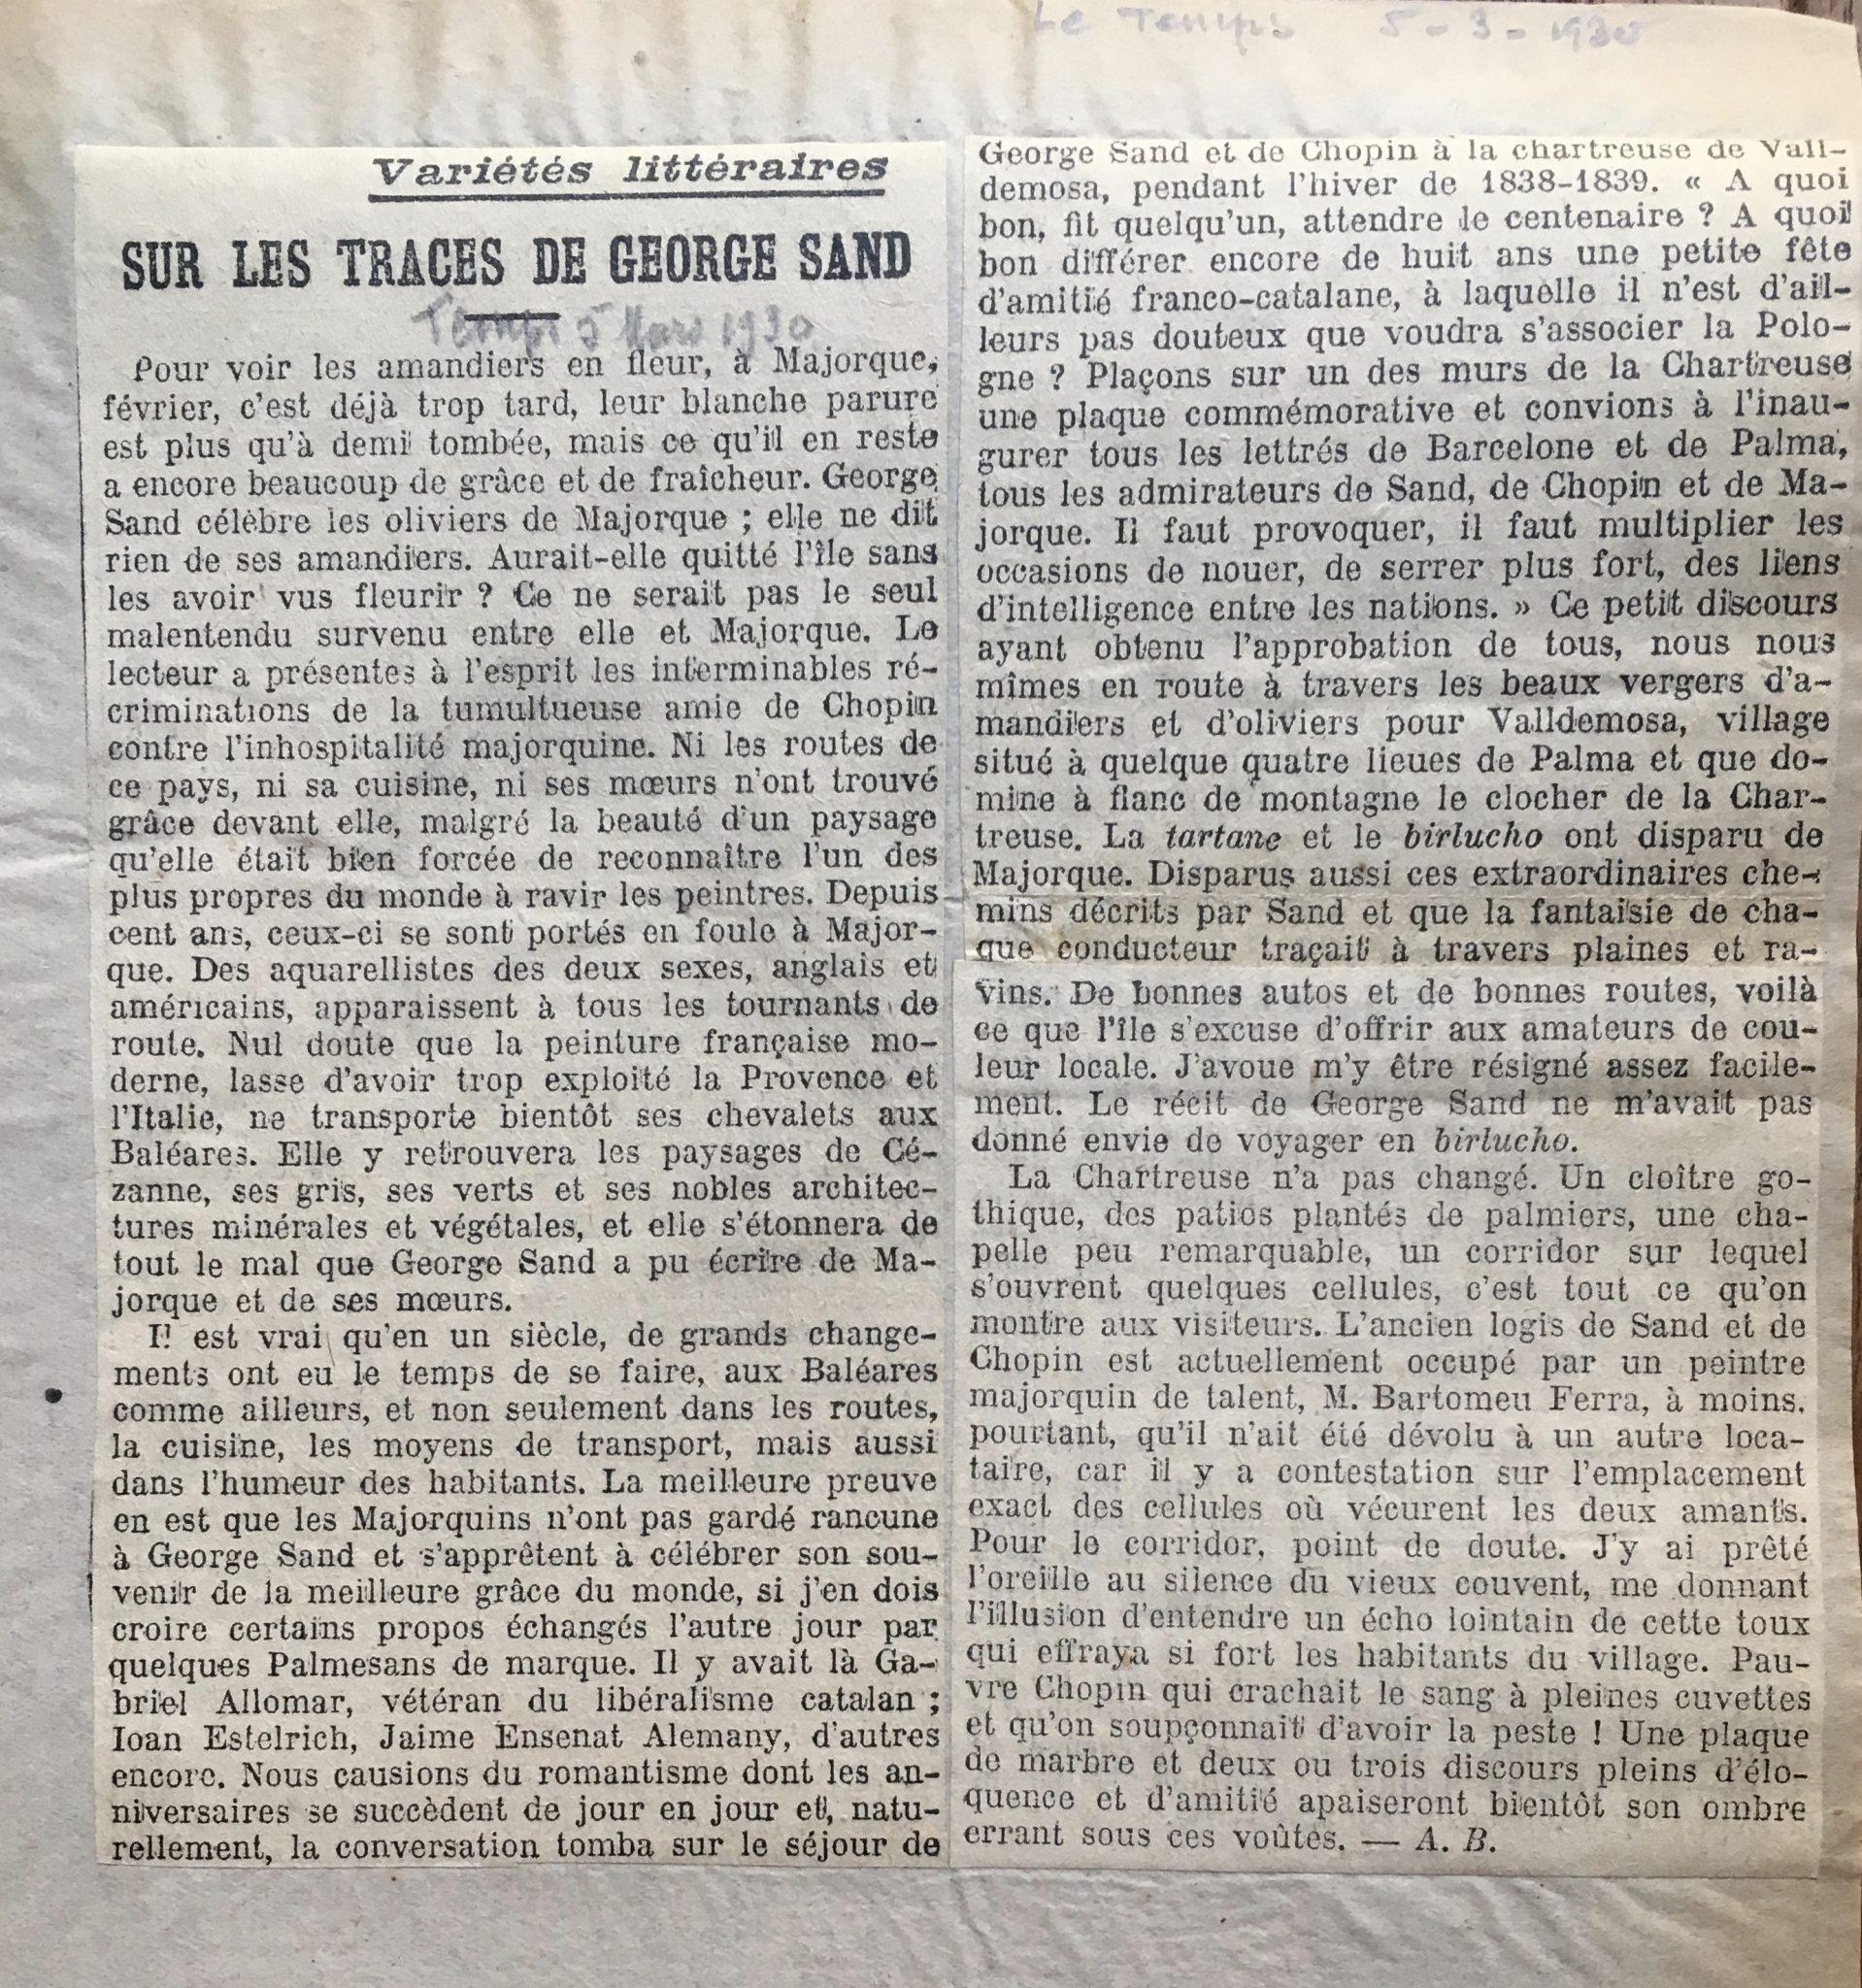 Sur les traces de George Sand 1930